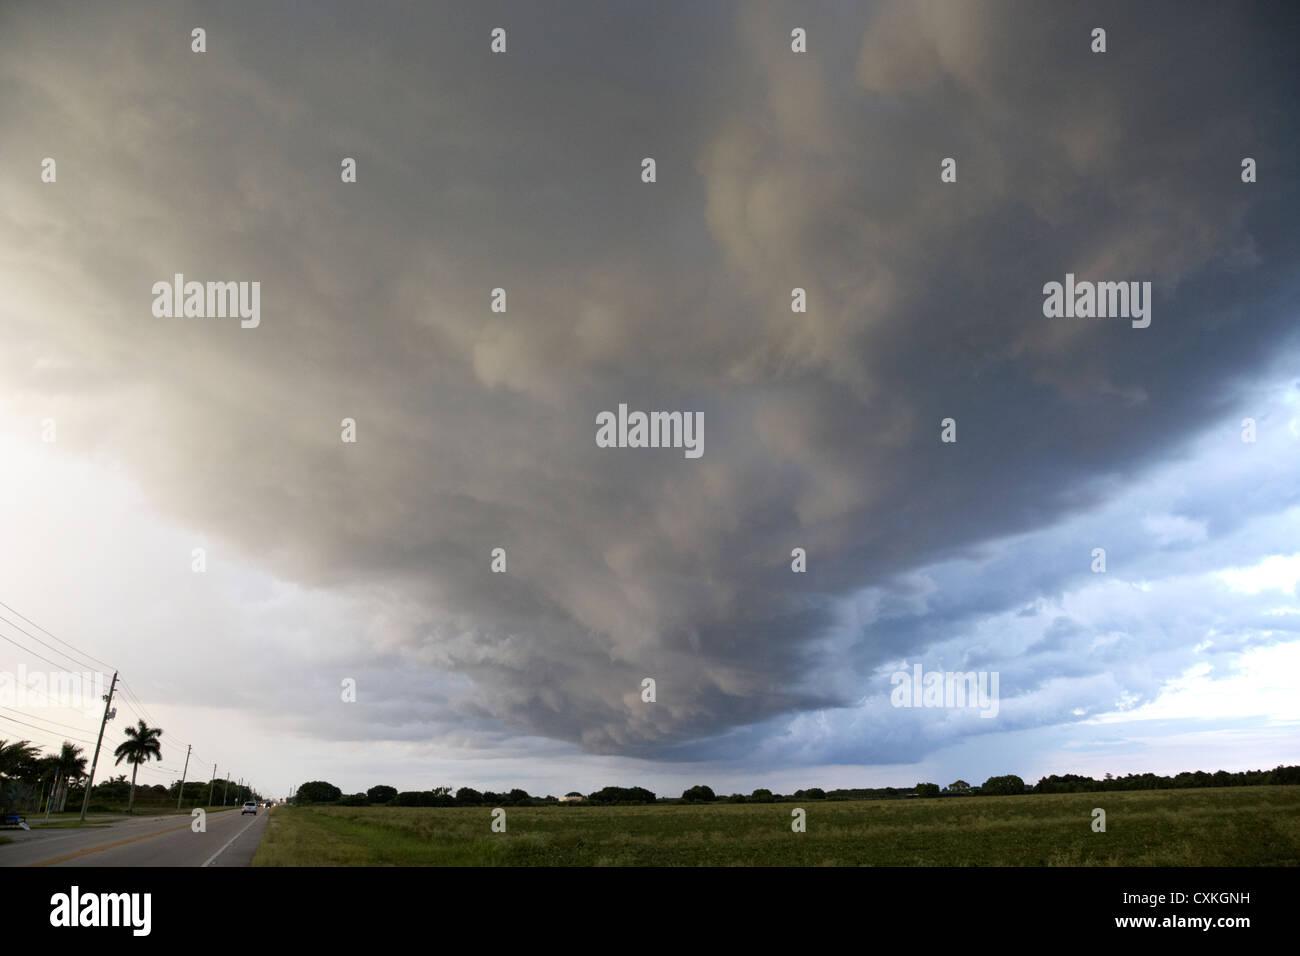 Estantería nube arcus la formación de nubes que precede a una tormenta en tierras agrícolas cerca Imagen De Stock